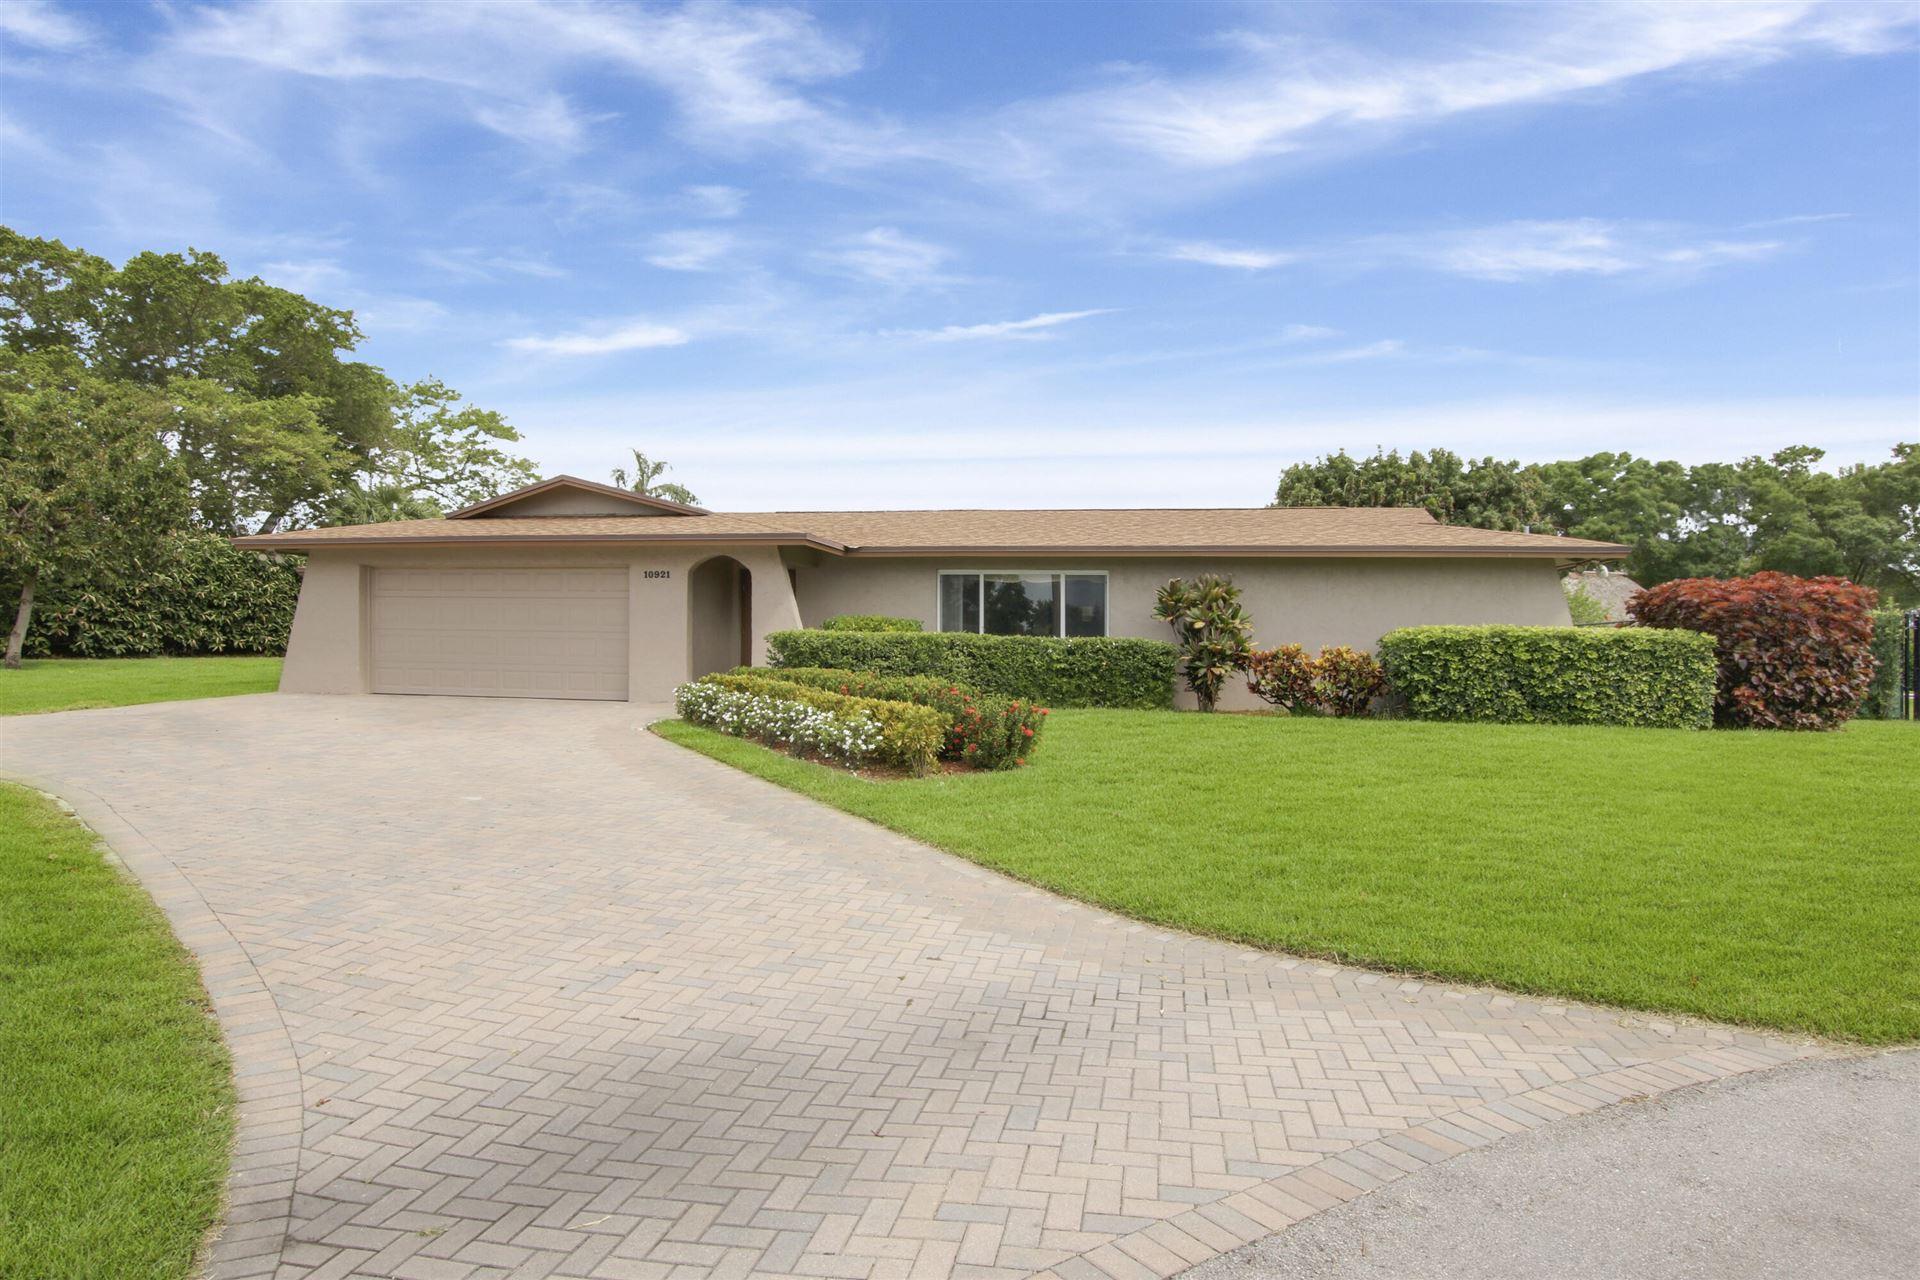 10921 Larch Court, Palm Beach Gardens, FL 33418 - MLS#: RX-10719694